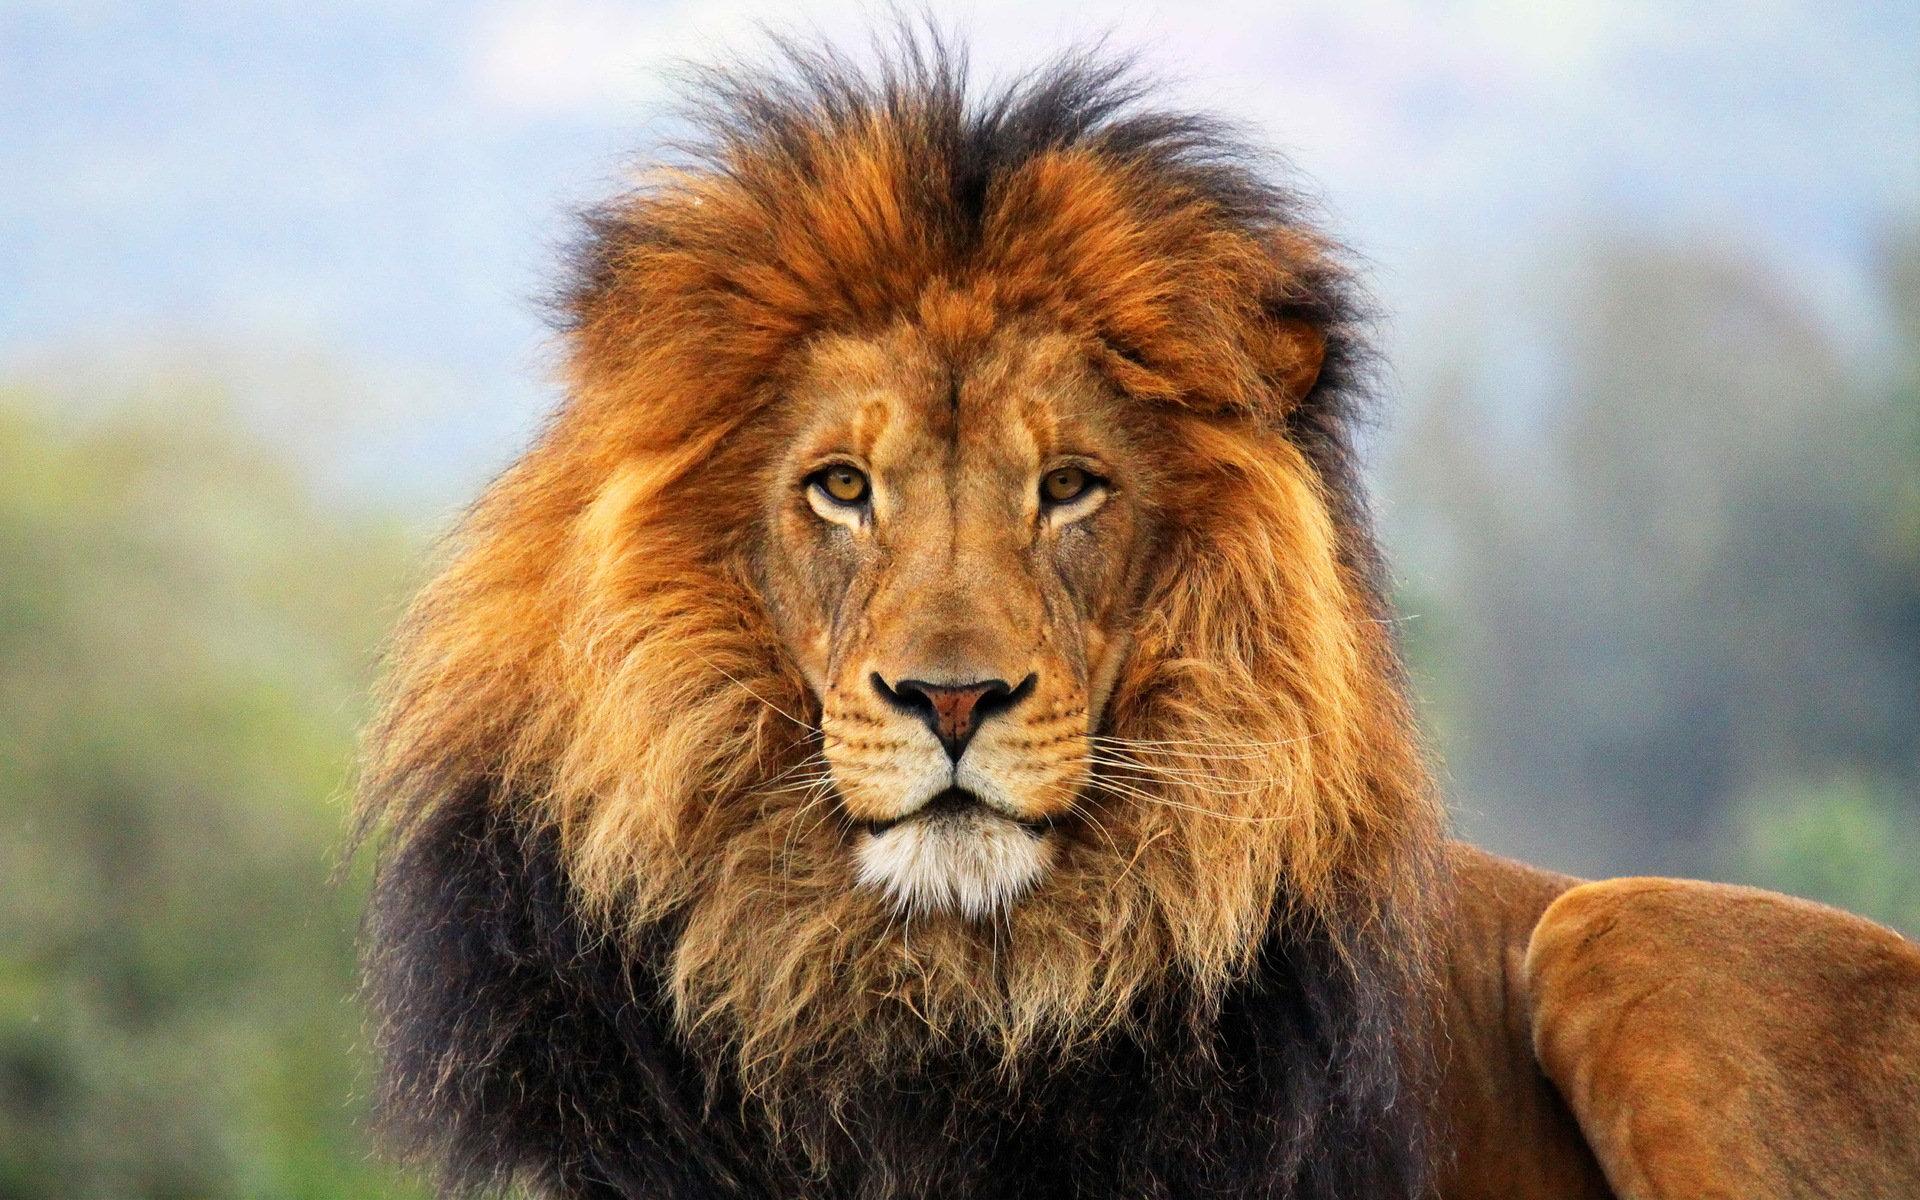 Animaux Lion Chat Animaux Fond D'écran